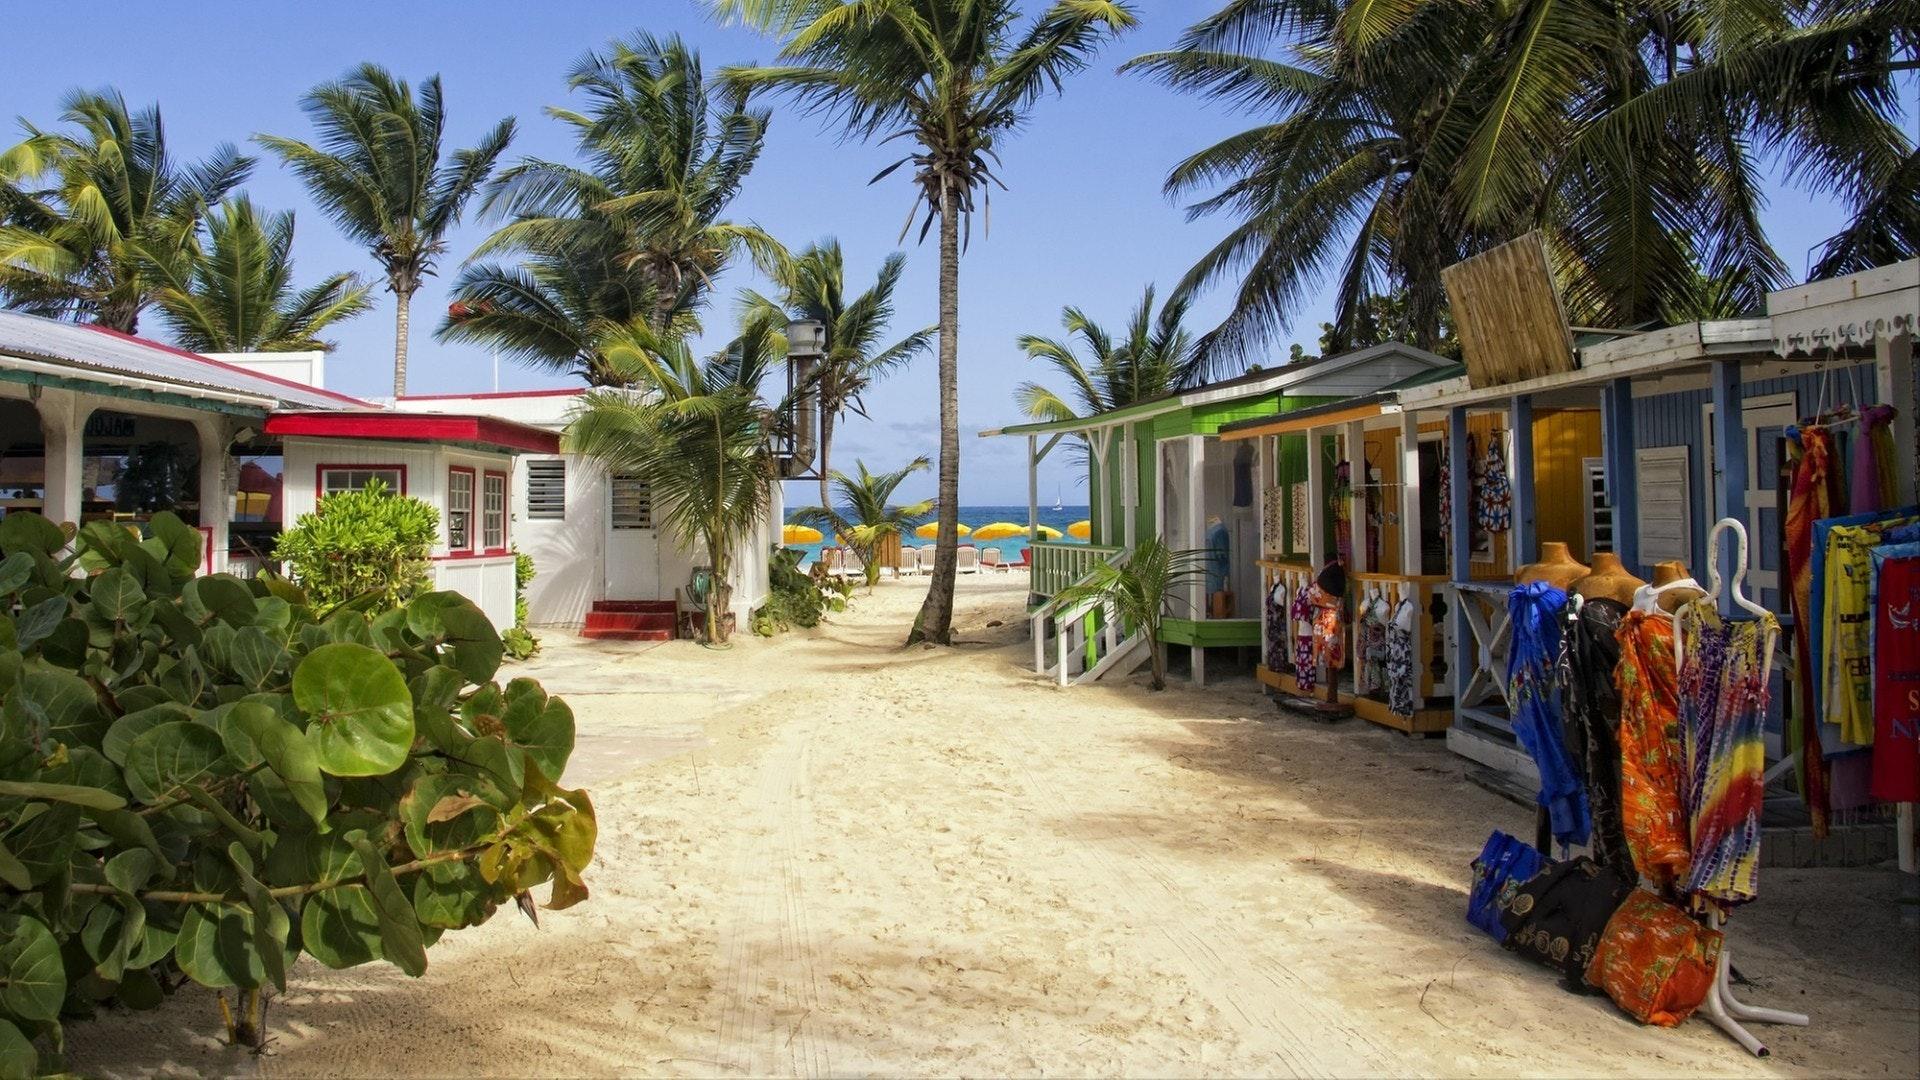 Une rue pleine de vendeurs de rue menant à une plage sur une île des Caraïbes